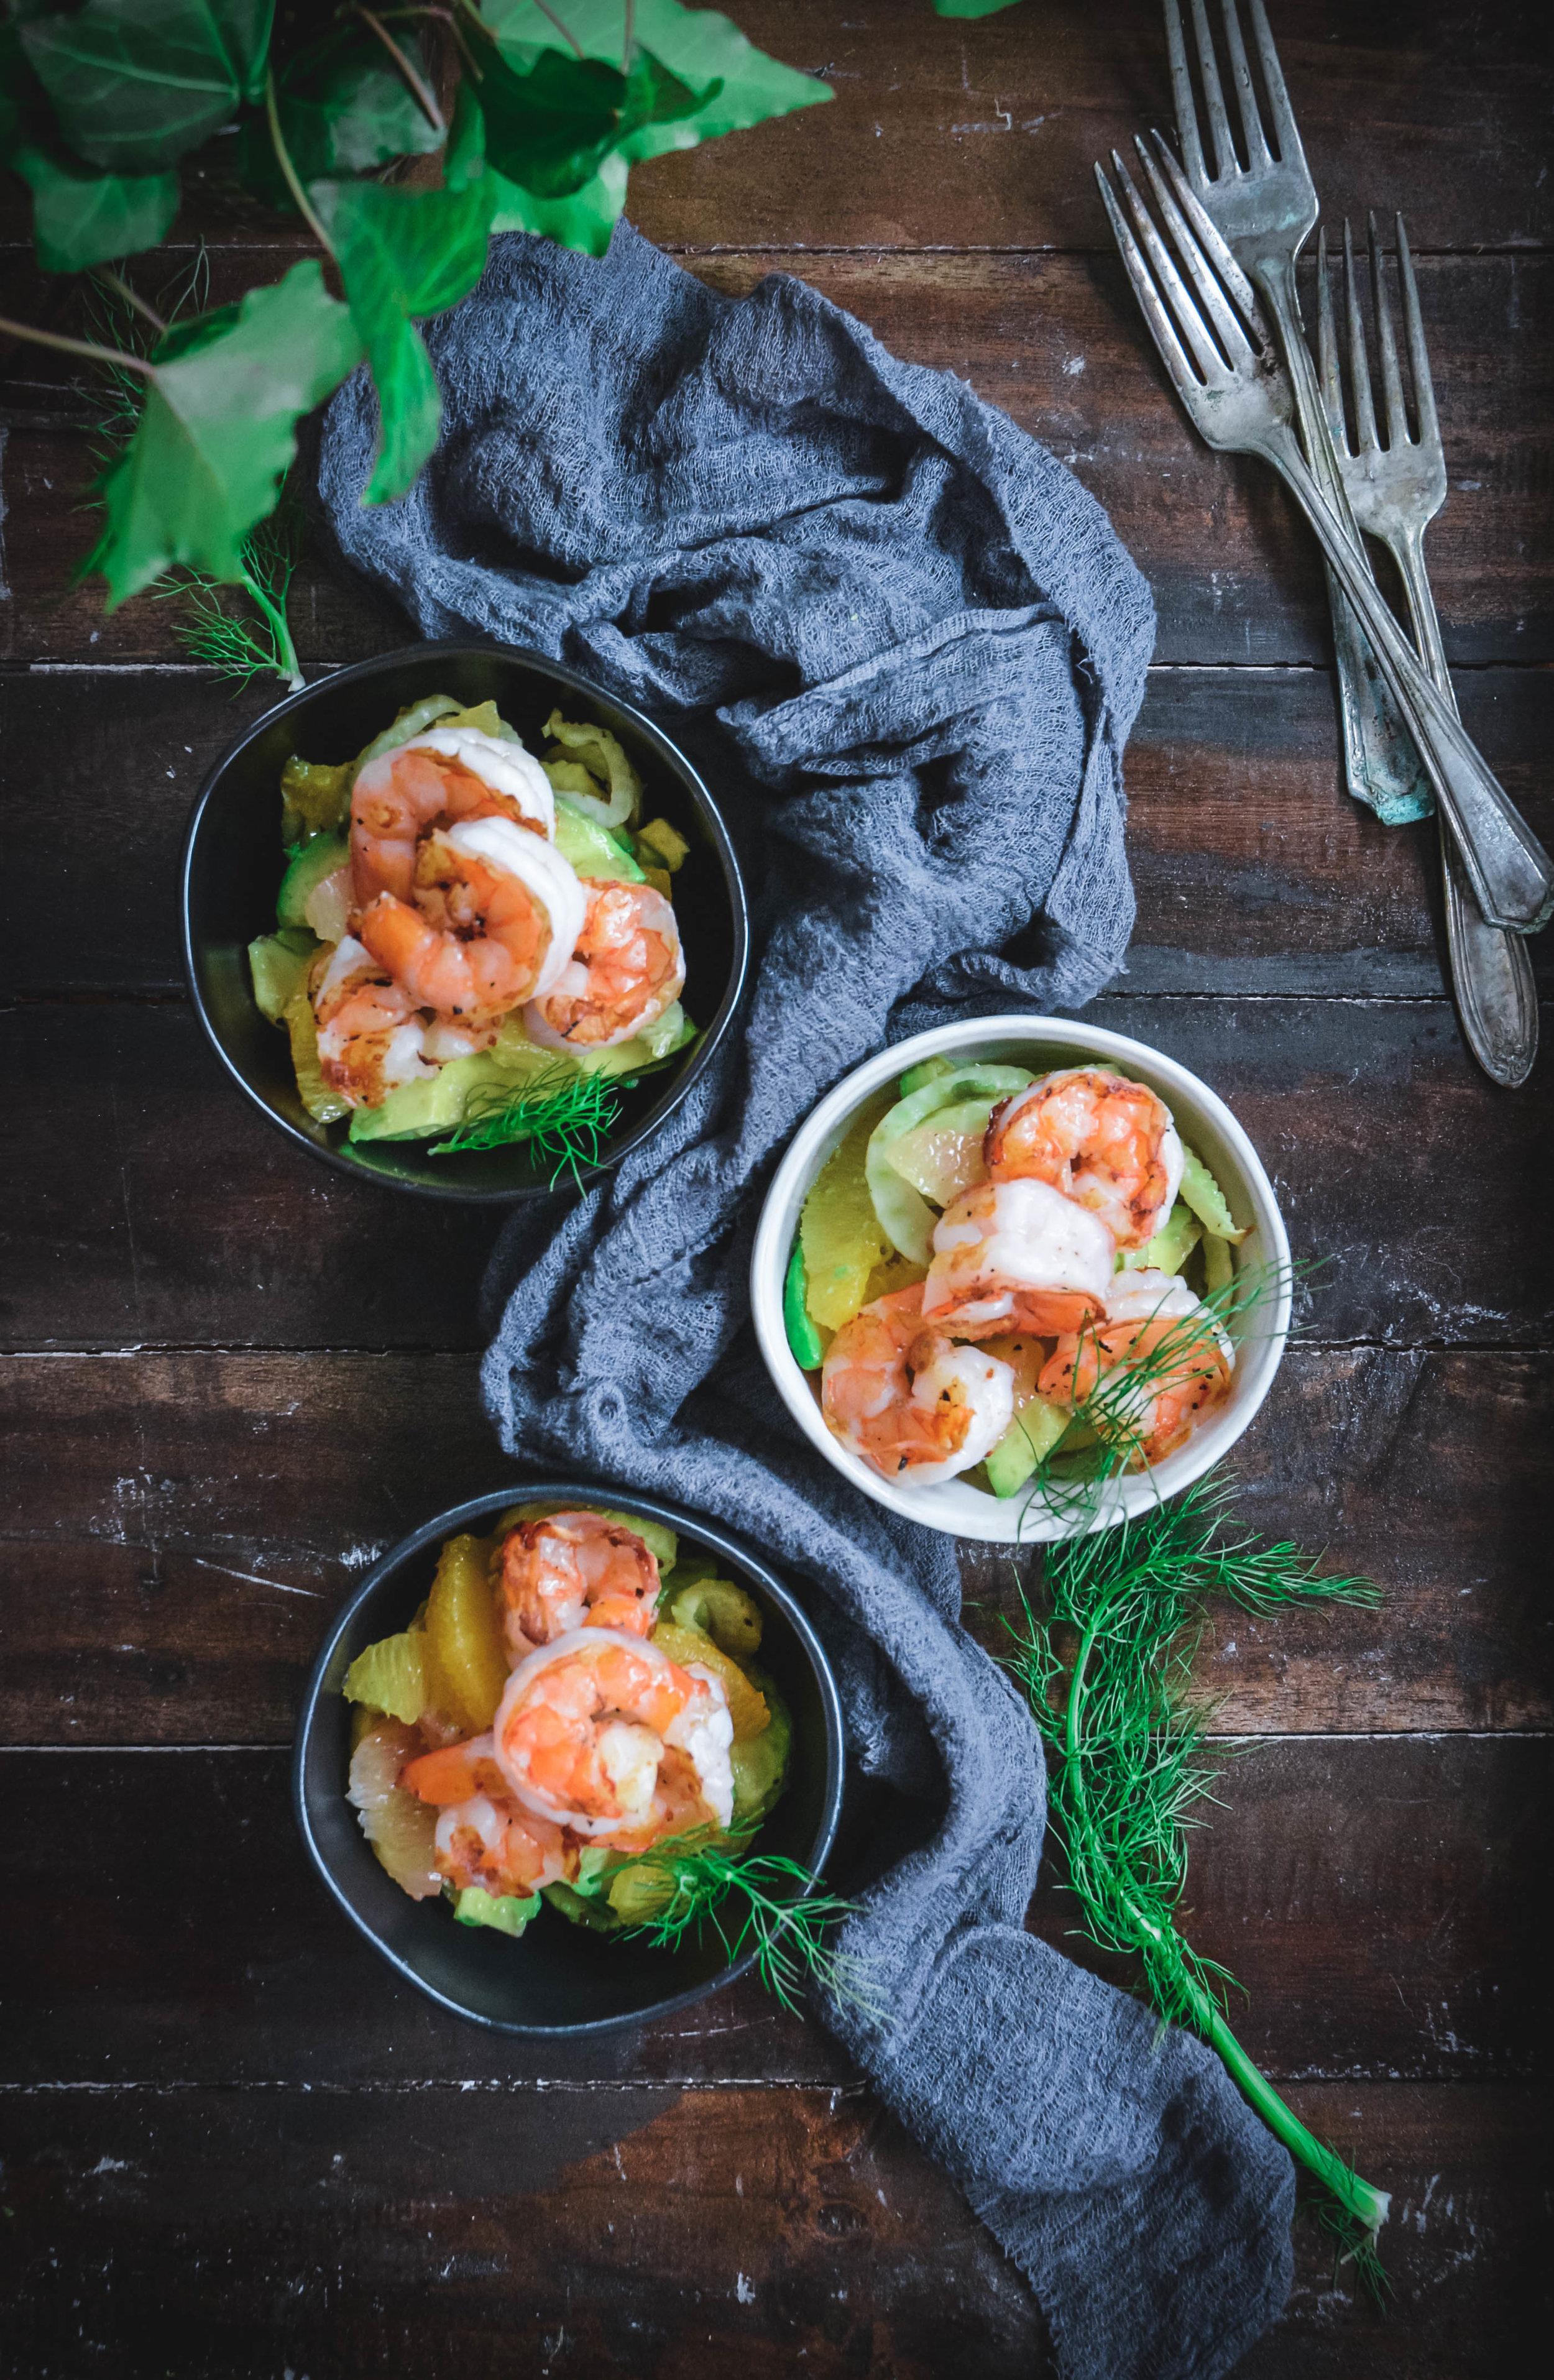 fennel, avocado, citrus and shrimp salad